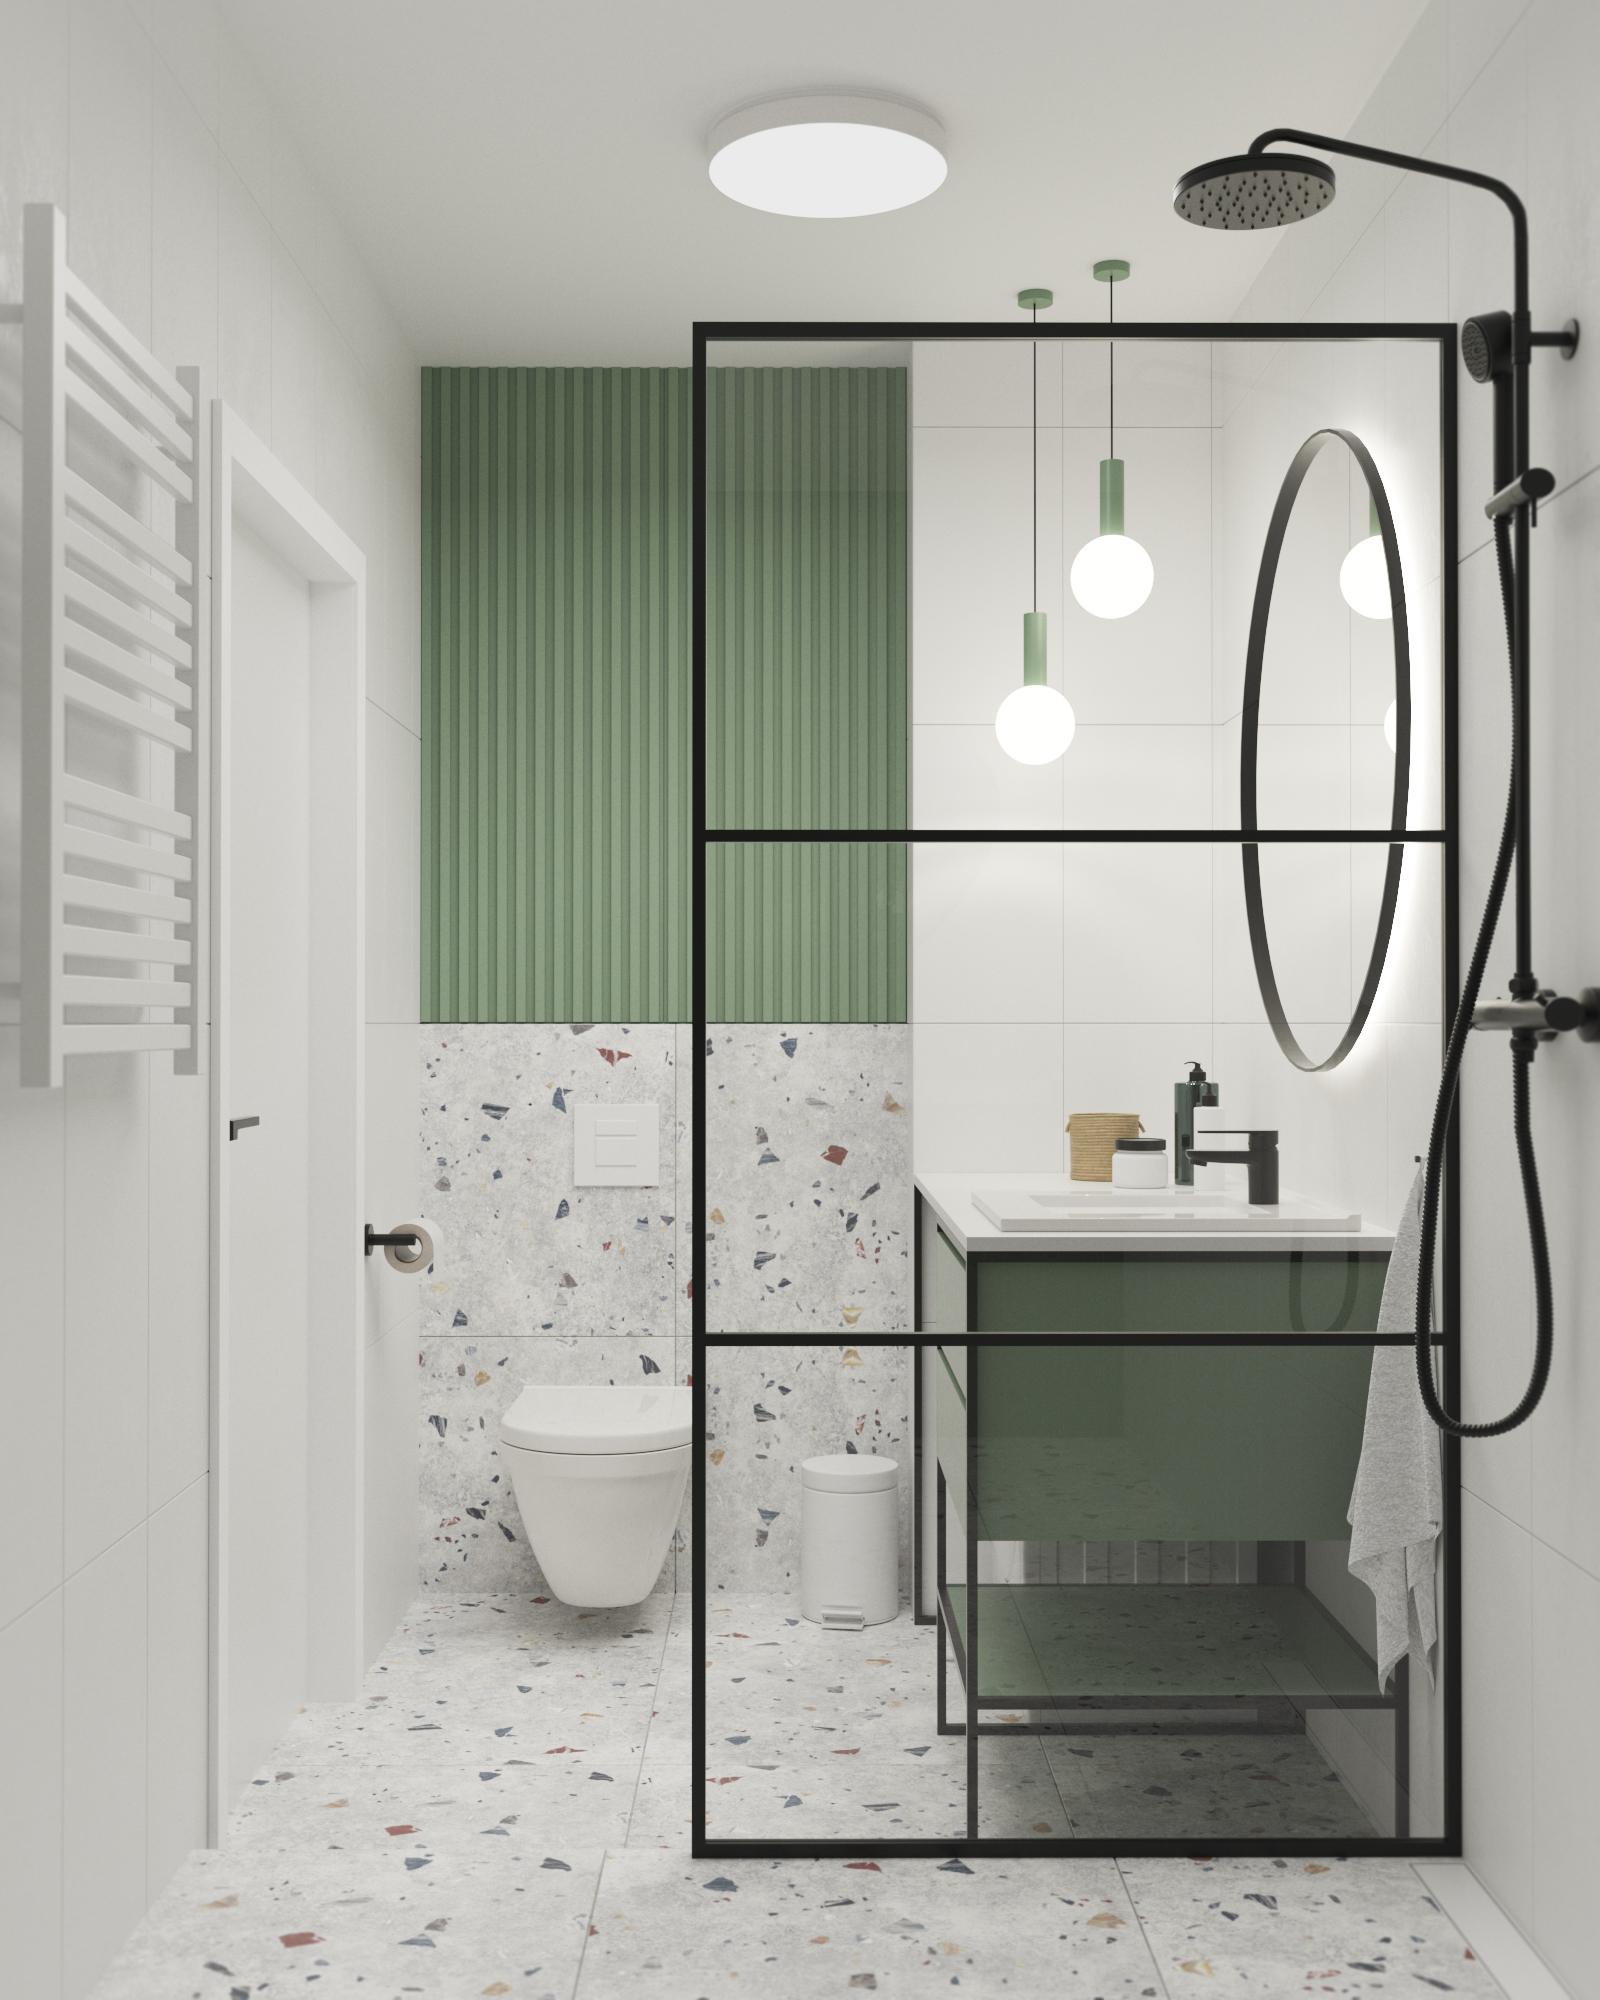 Zabudowy w łazience